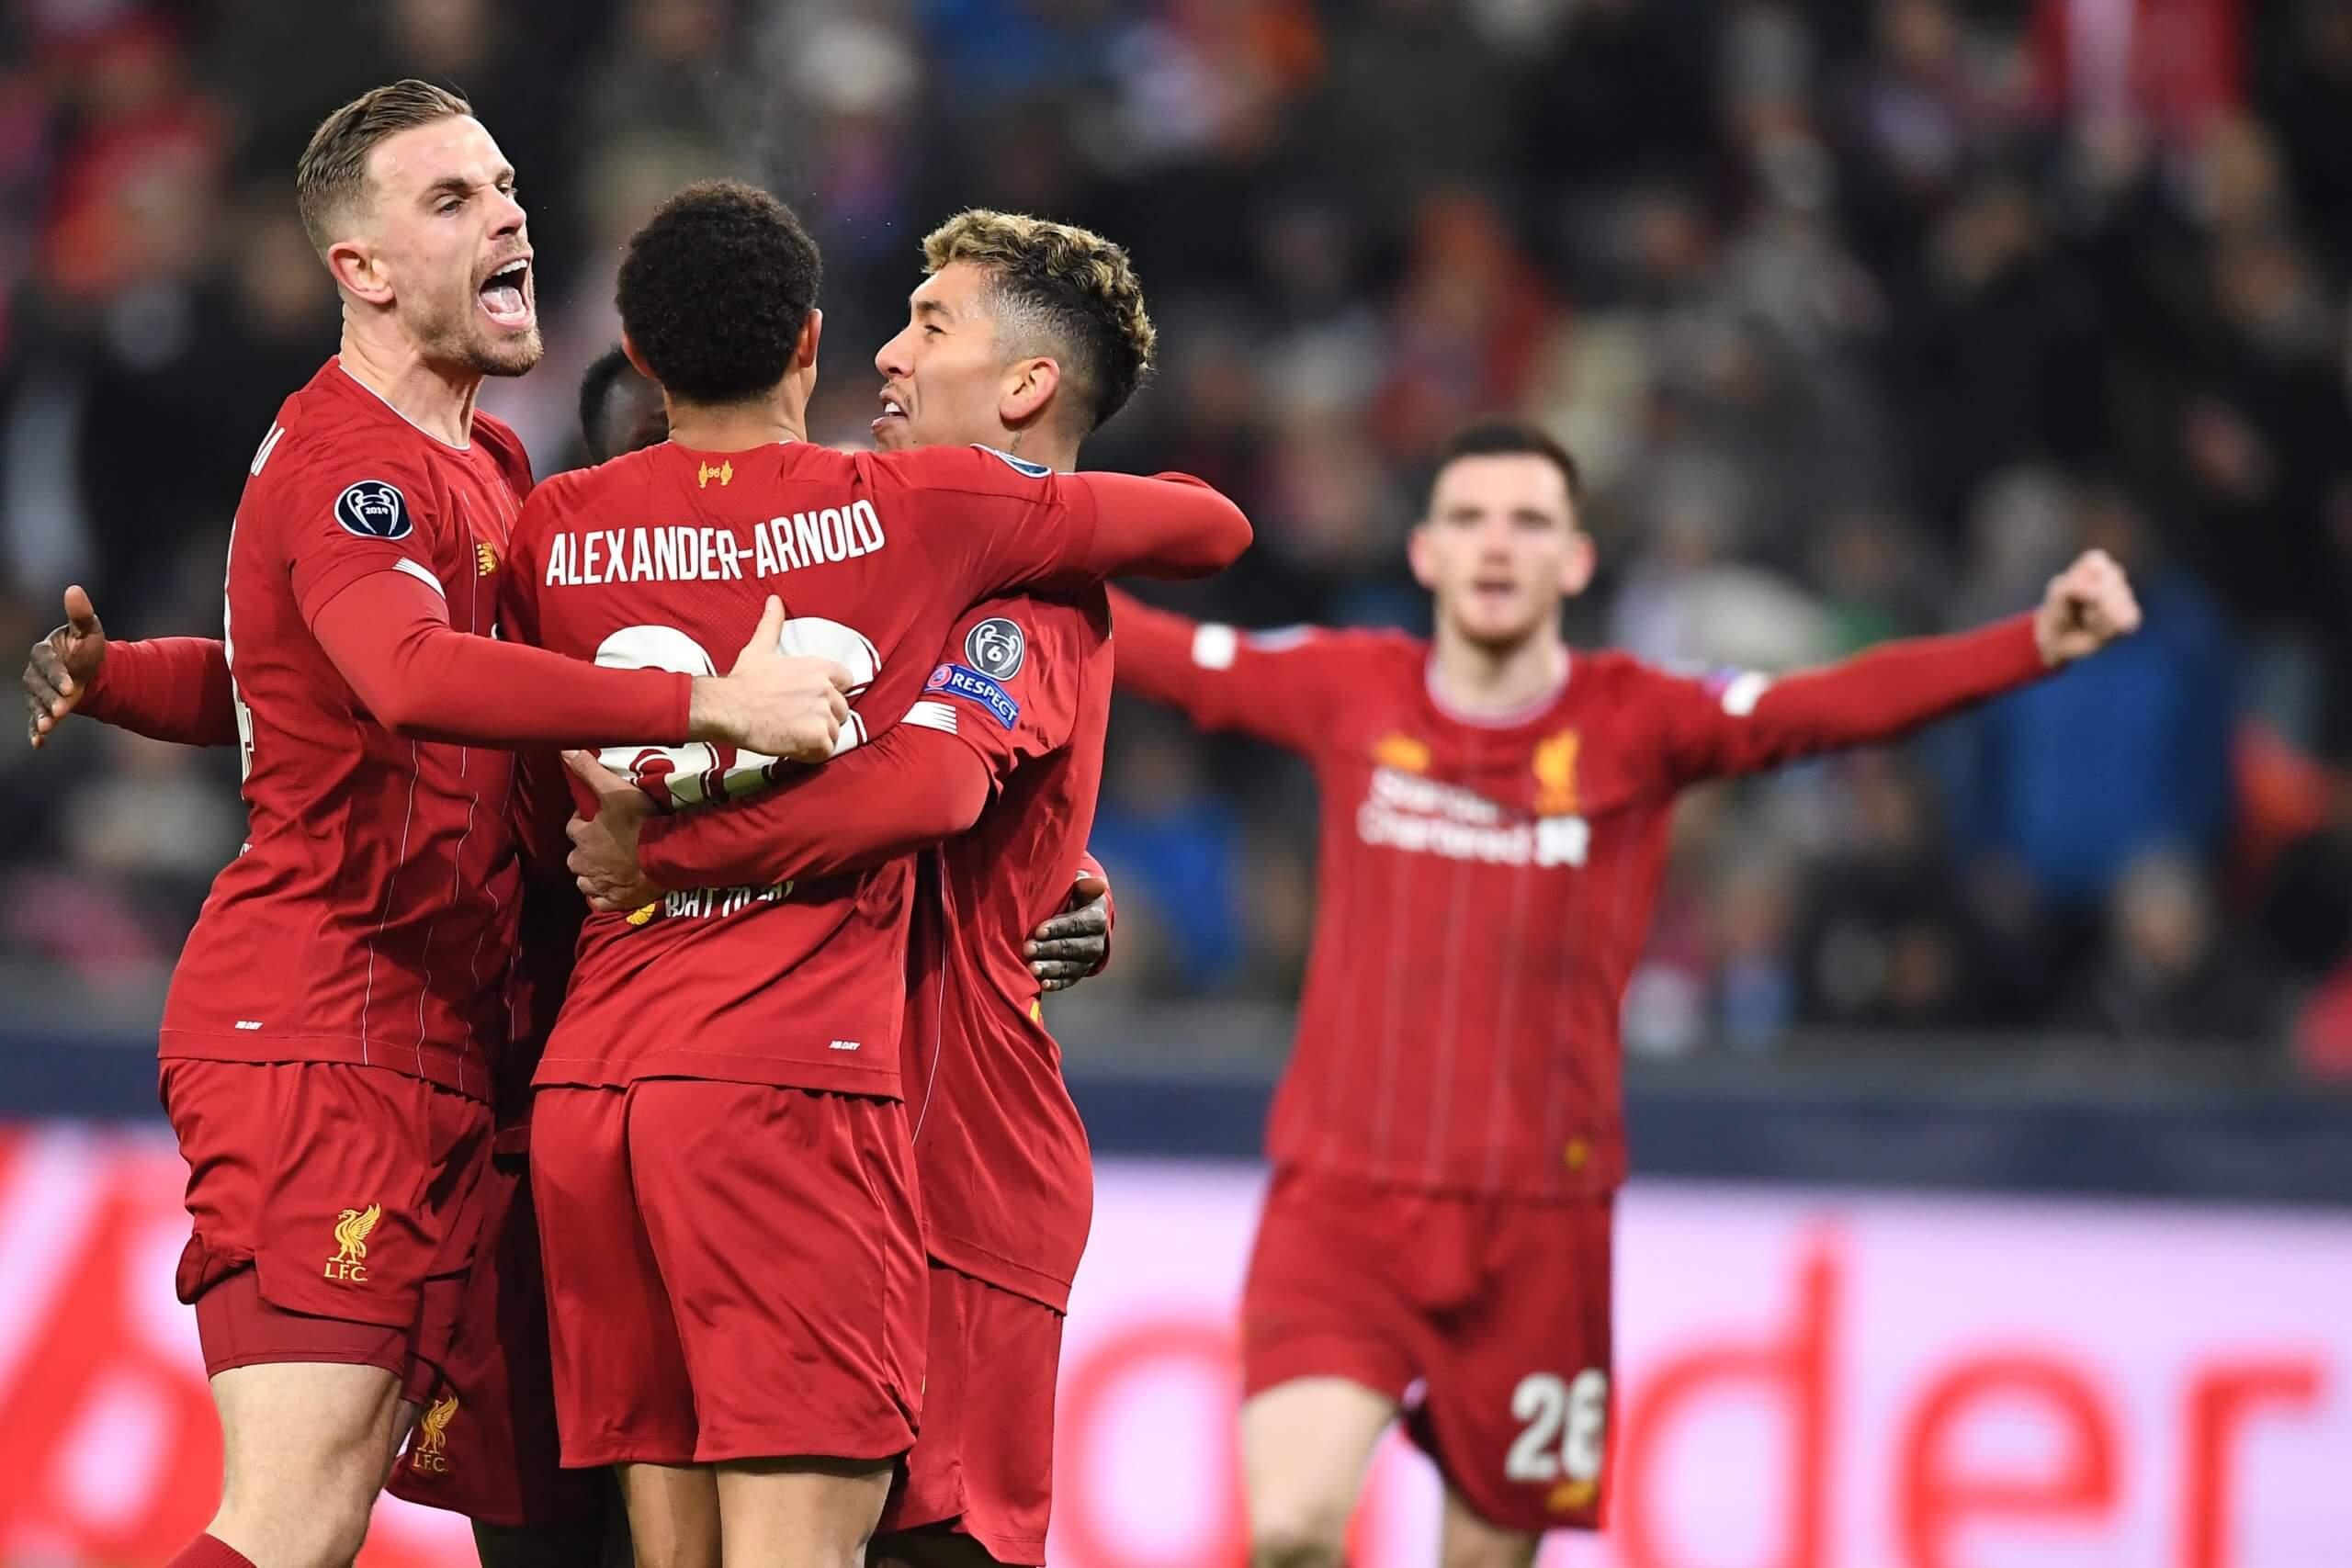 West Ham vs Liverpool - 6/1 on away win